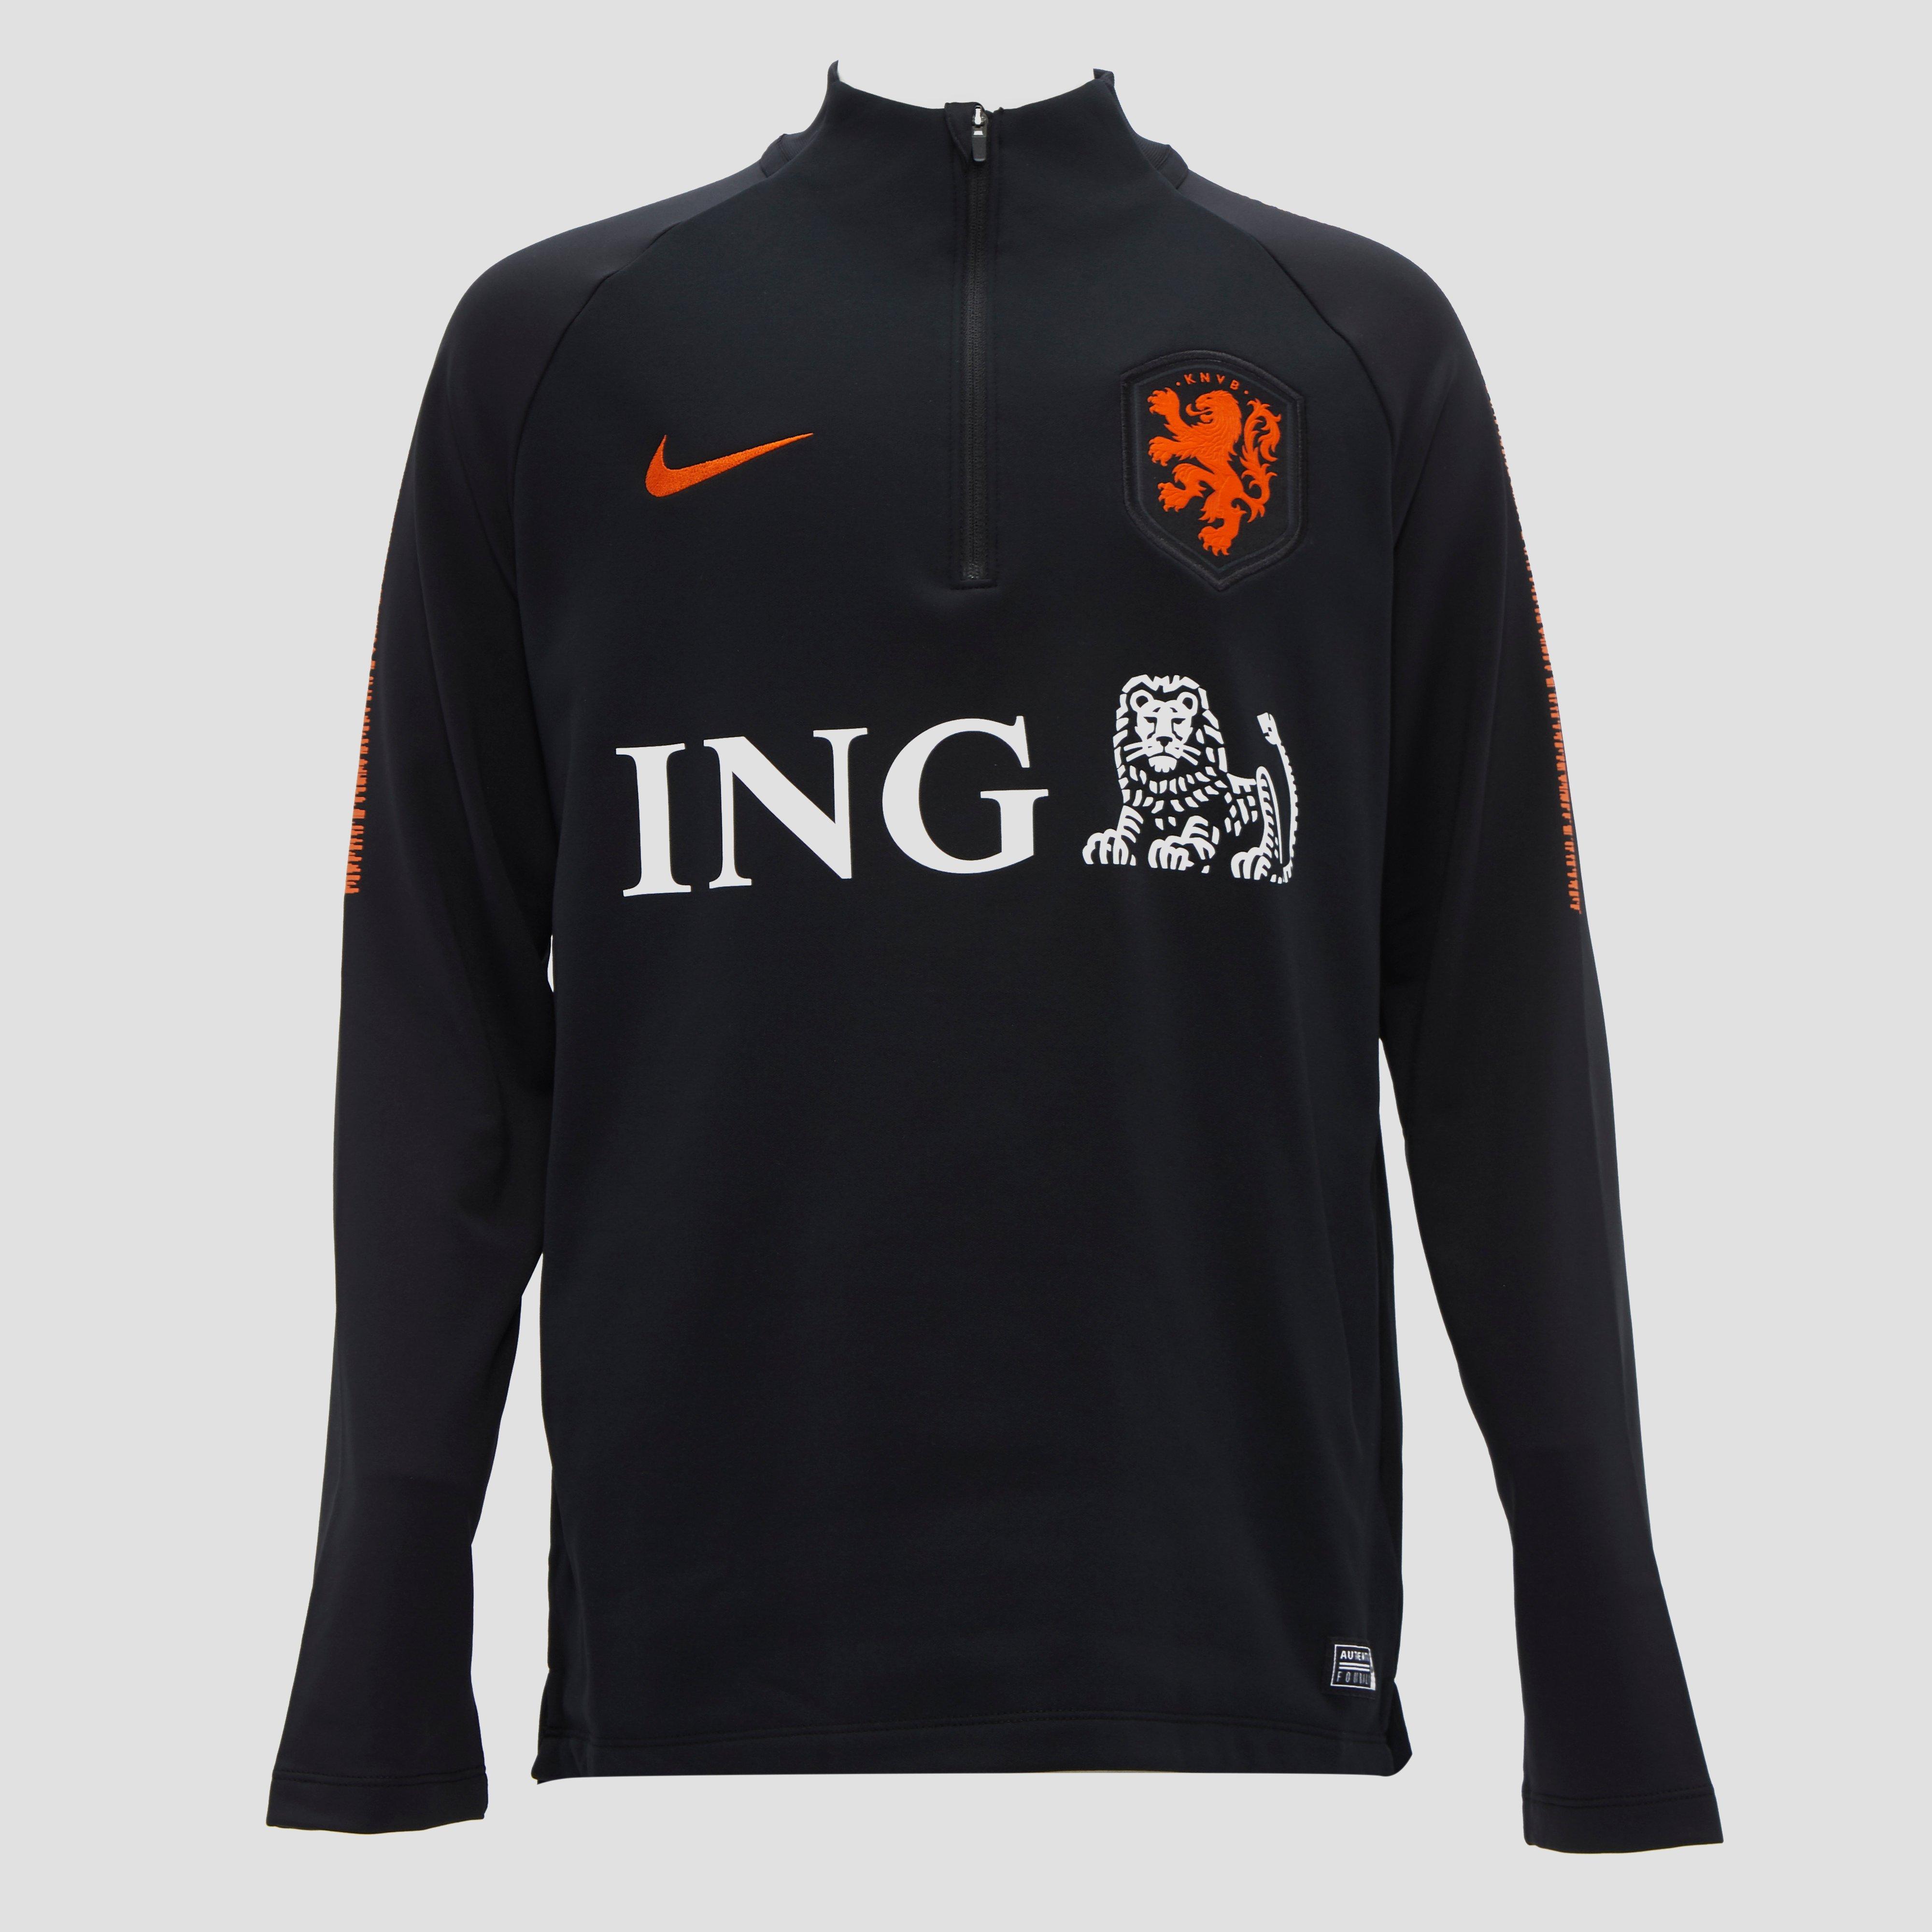 NIKE KNVB DRY SQUAD NL VOETBALTOP ZWART/ORANJE KINDEREN